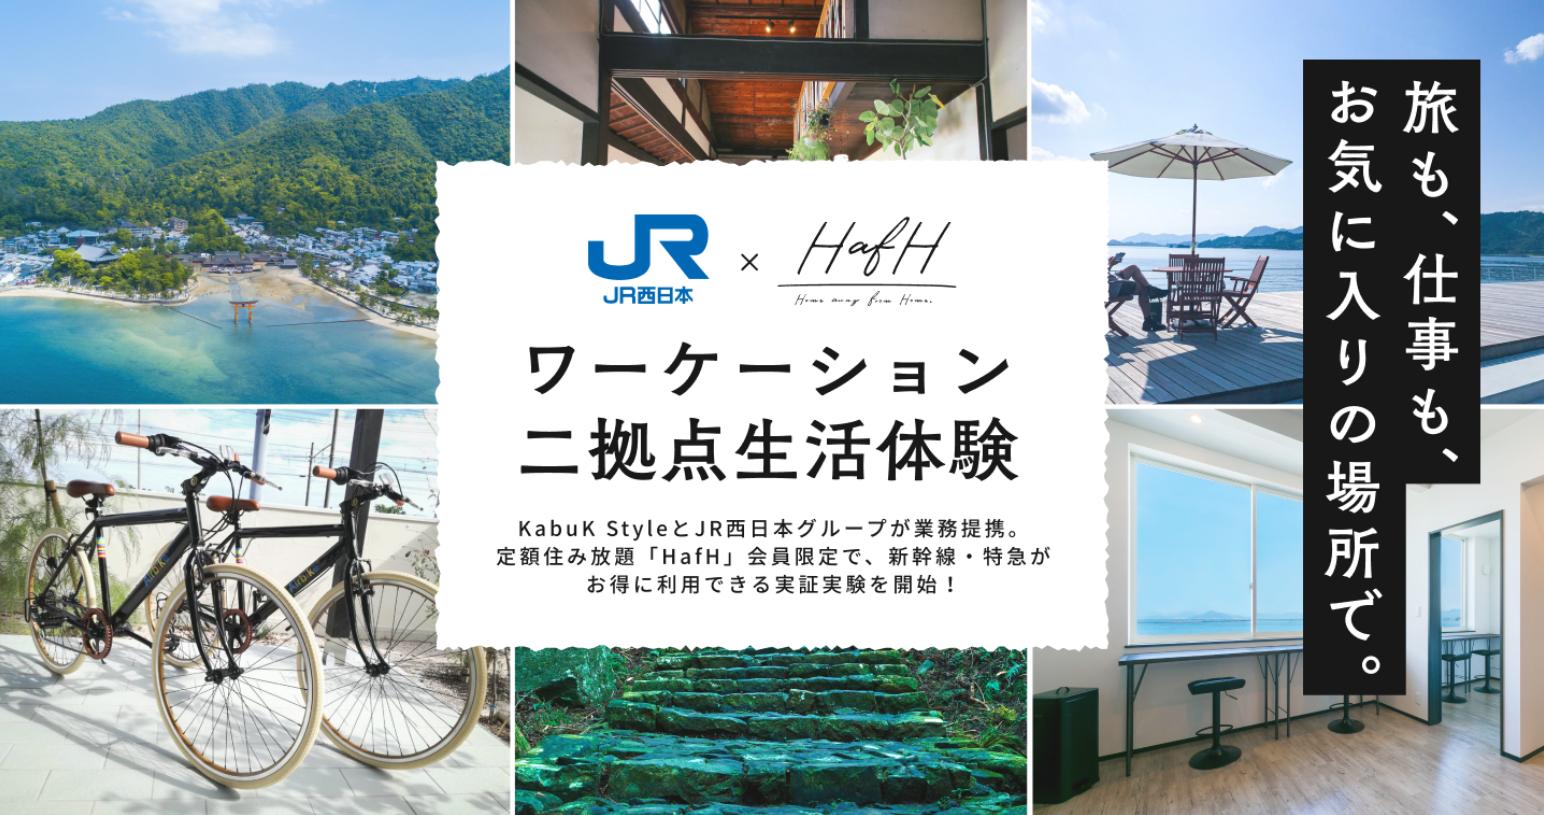 JR西日本グループと業務提携。HafH会員なら新幹線(大阪または福岡から広島へ月2往復20,000円)、一部区間乗り放題などお得に利用できる実証実験を開始!7月6日 (月)より参加者を募集